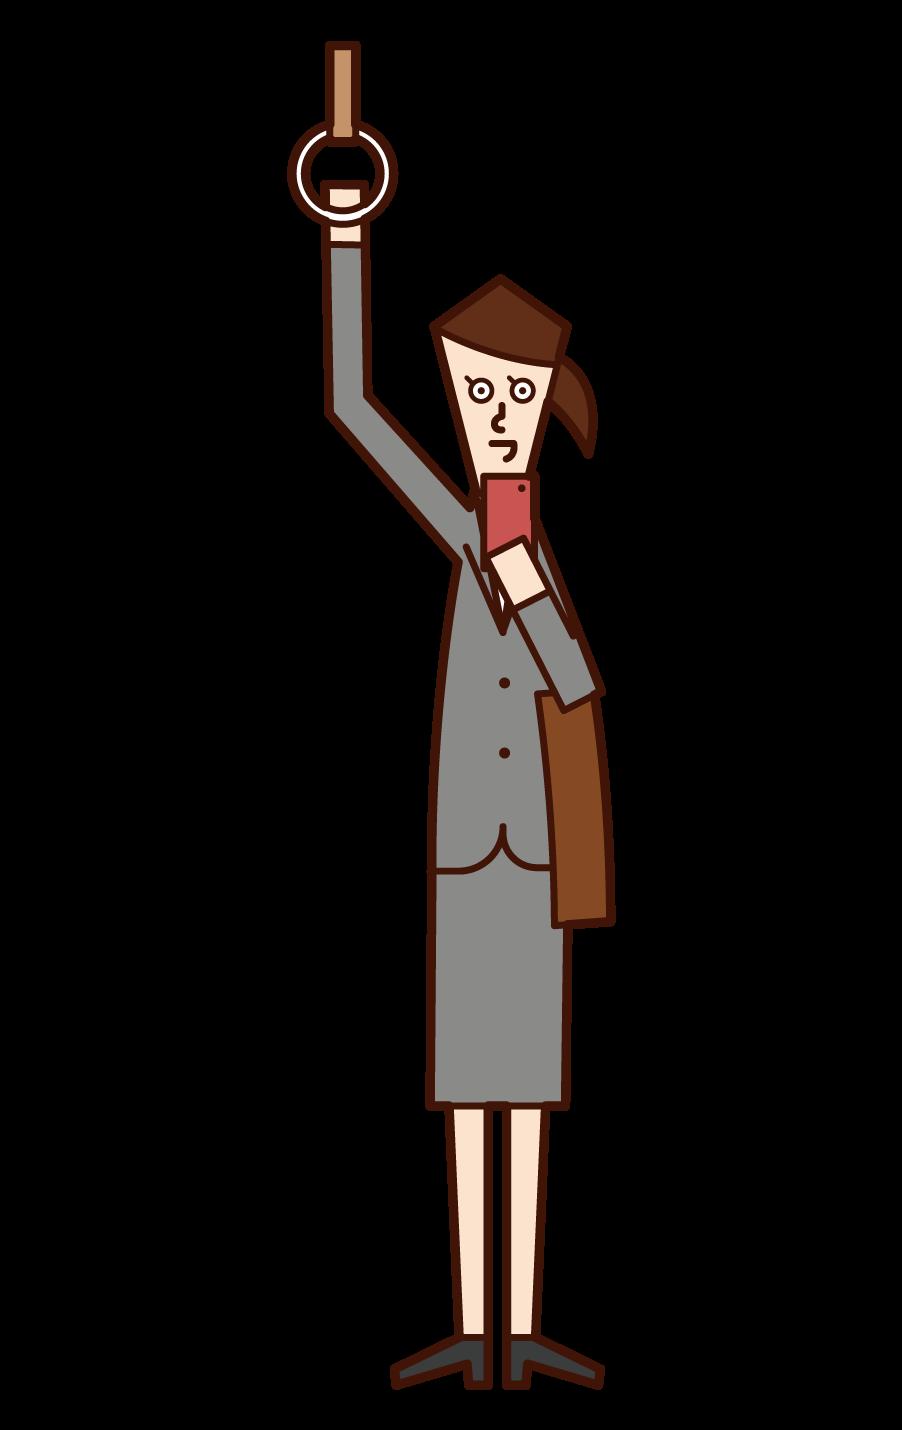 在火車上使用智能手機的人(女性)的插圖